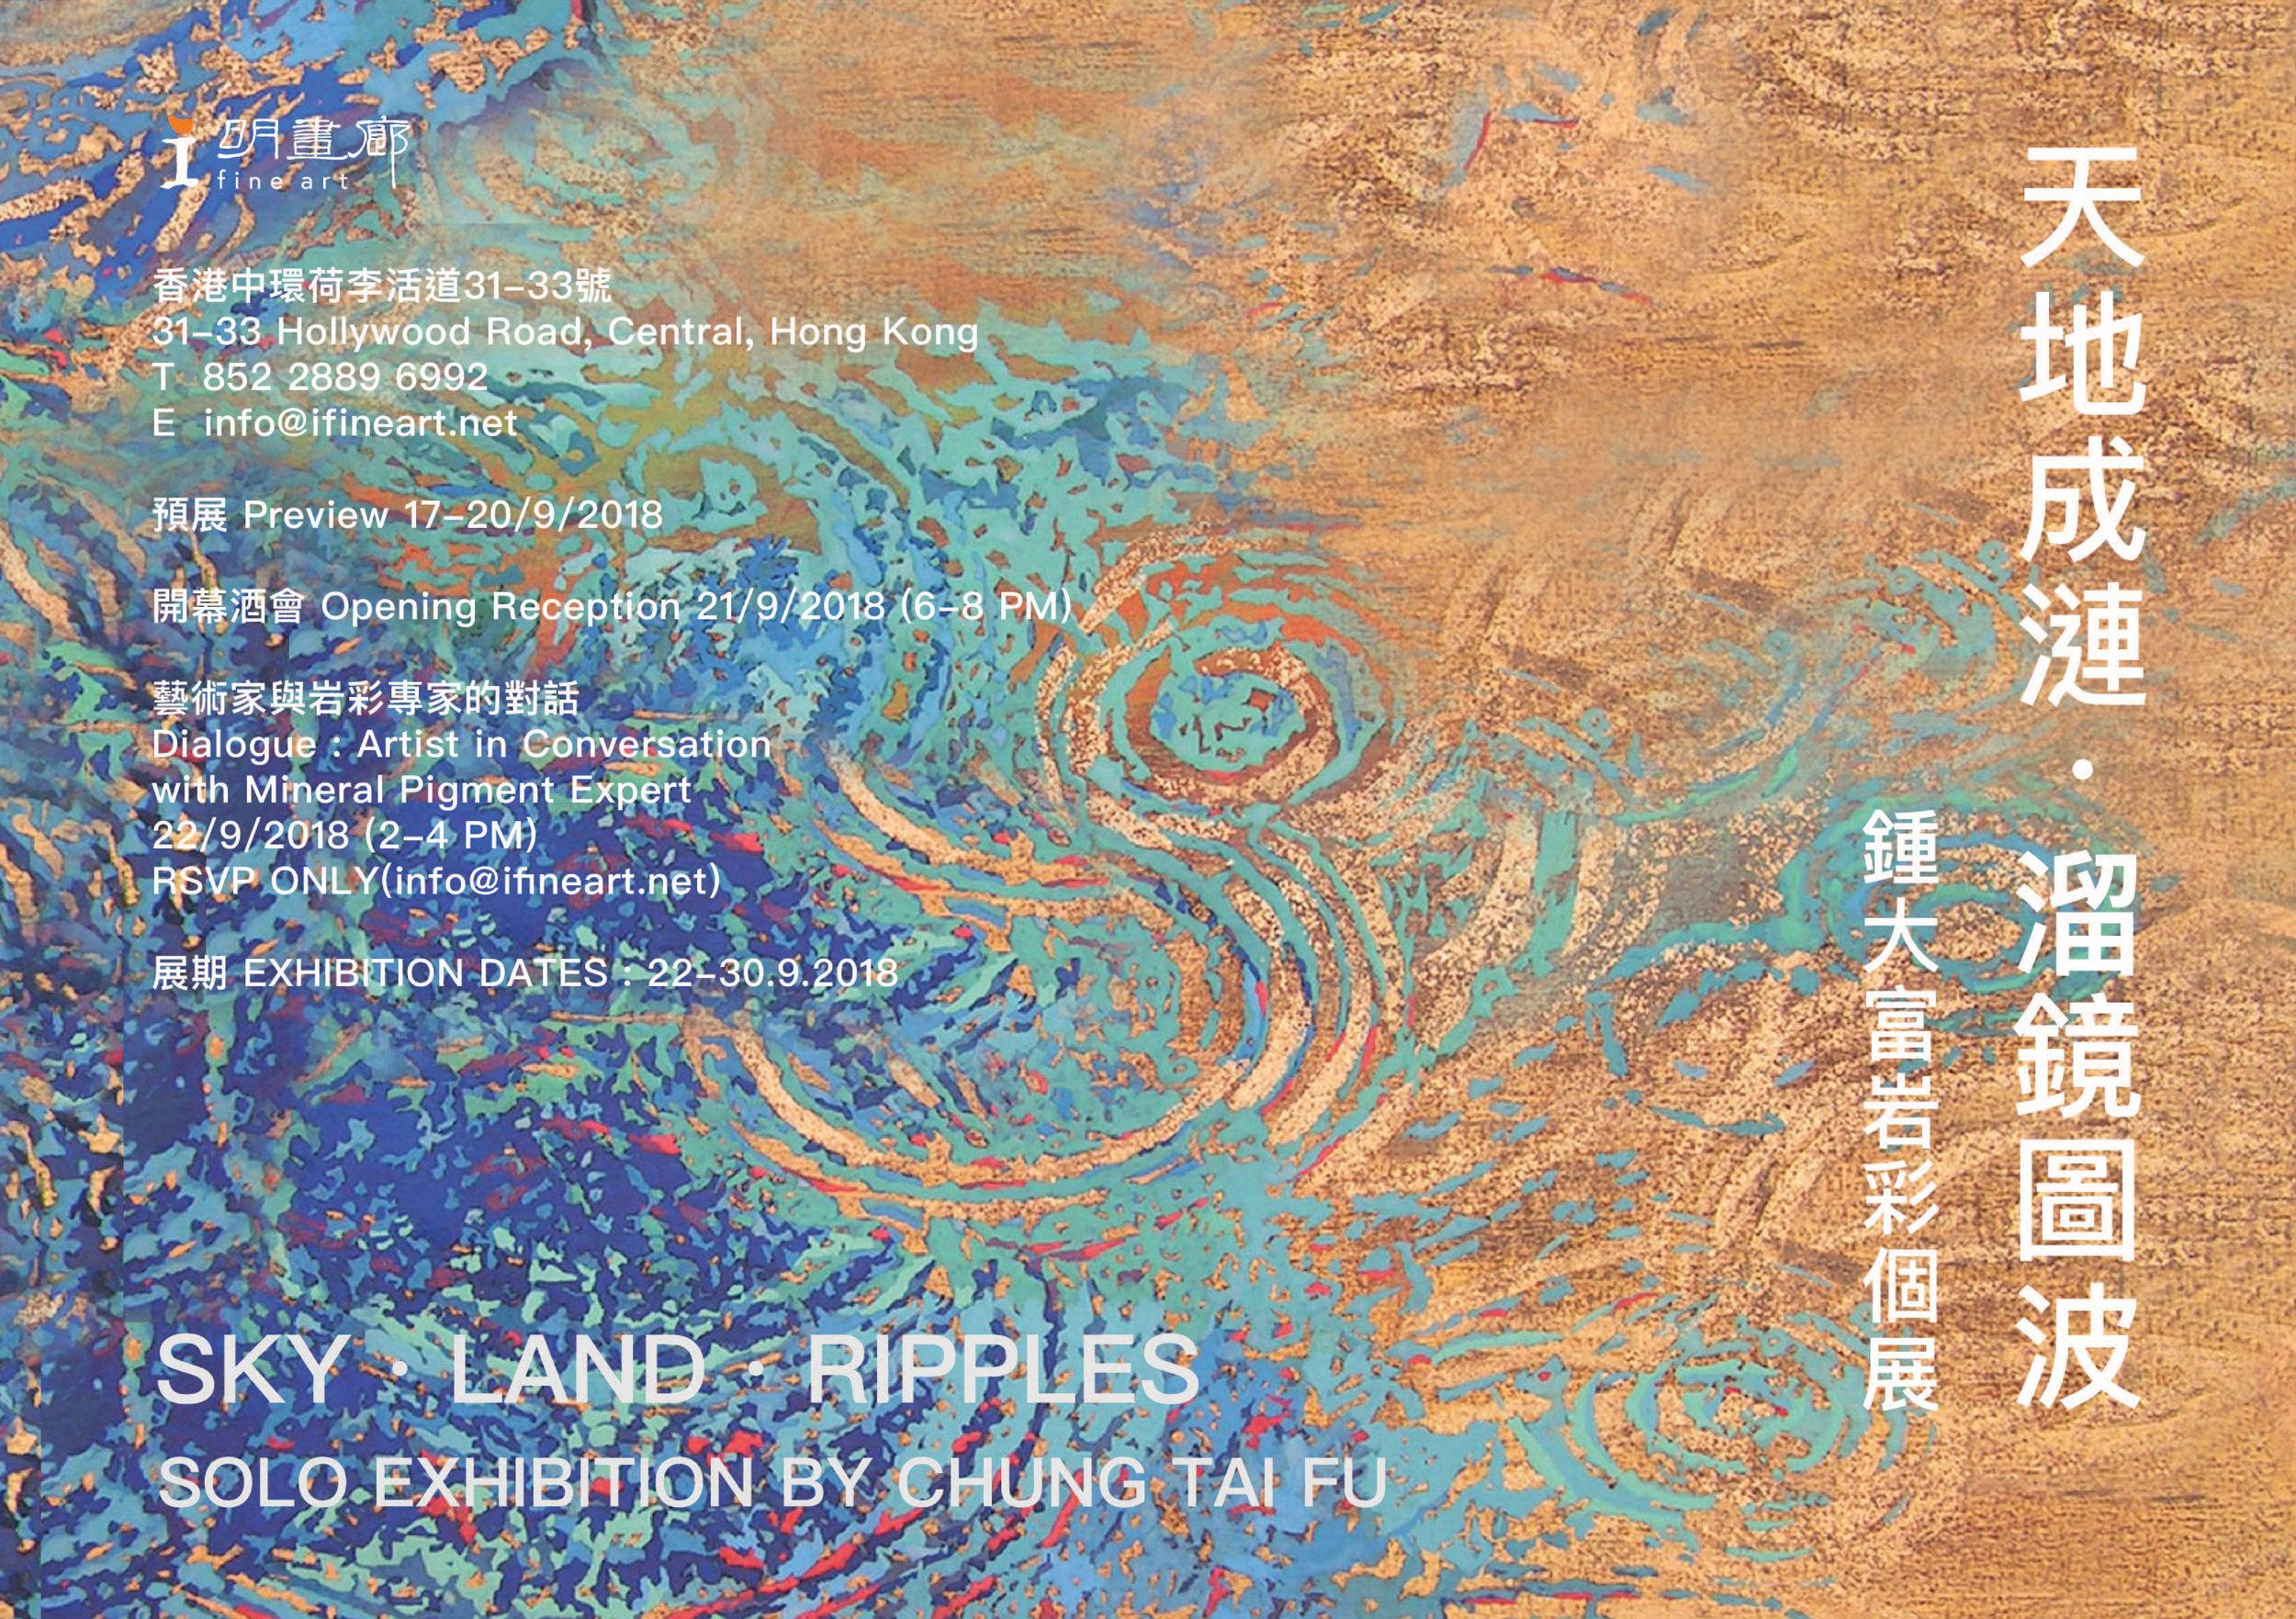 Chung Tai Fu E-invitation.jpg